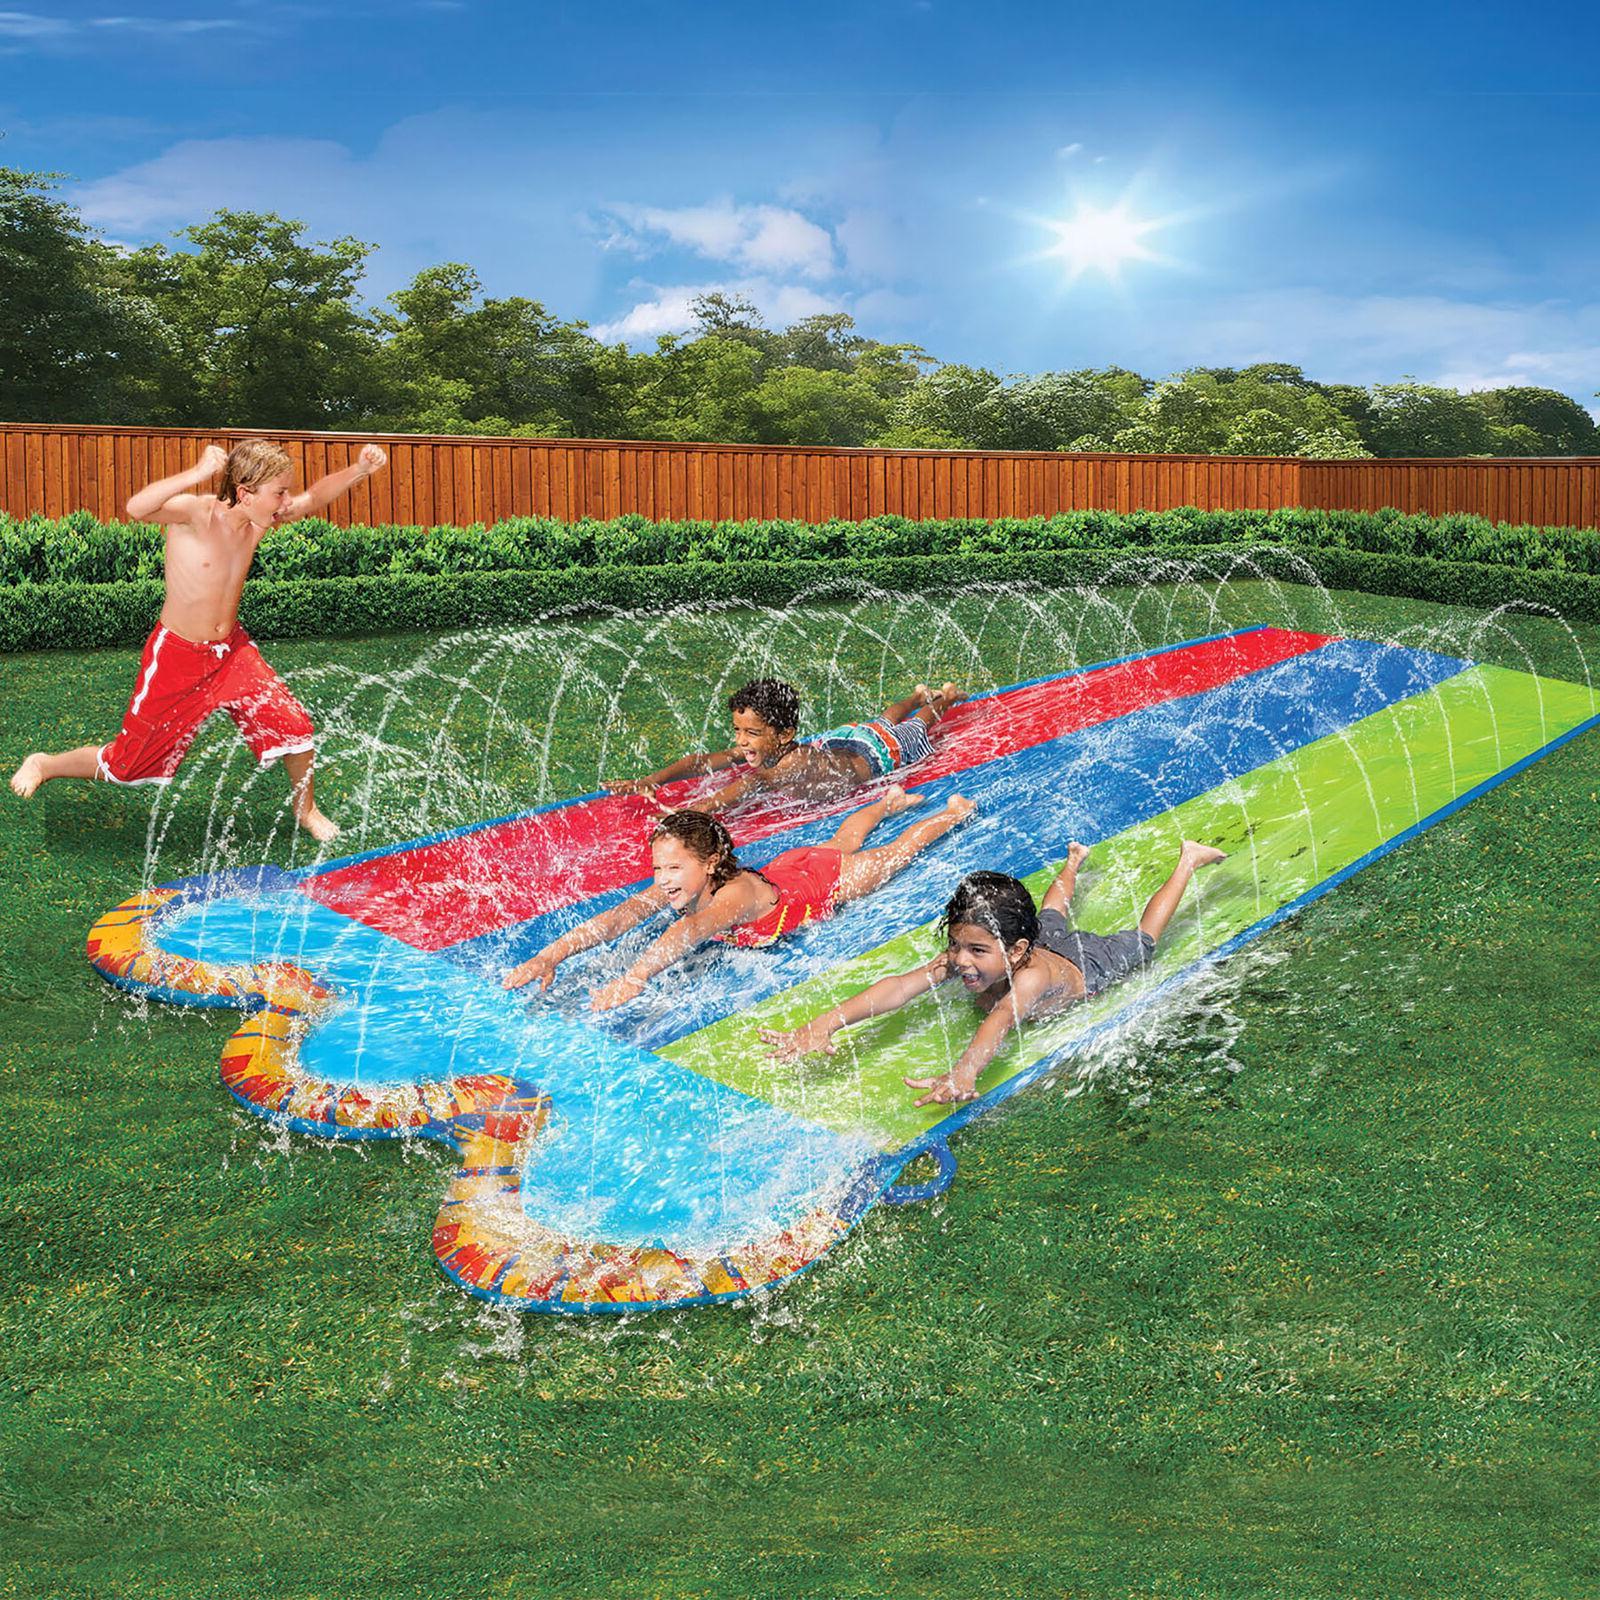 kids triple racer water slide 16 feet